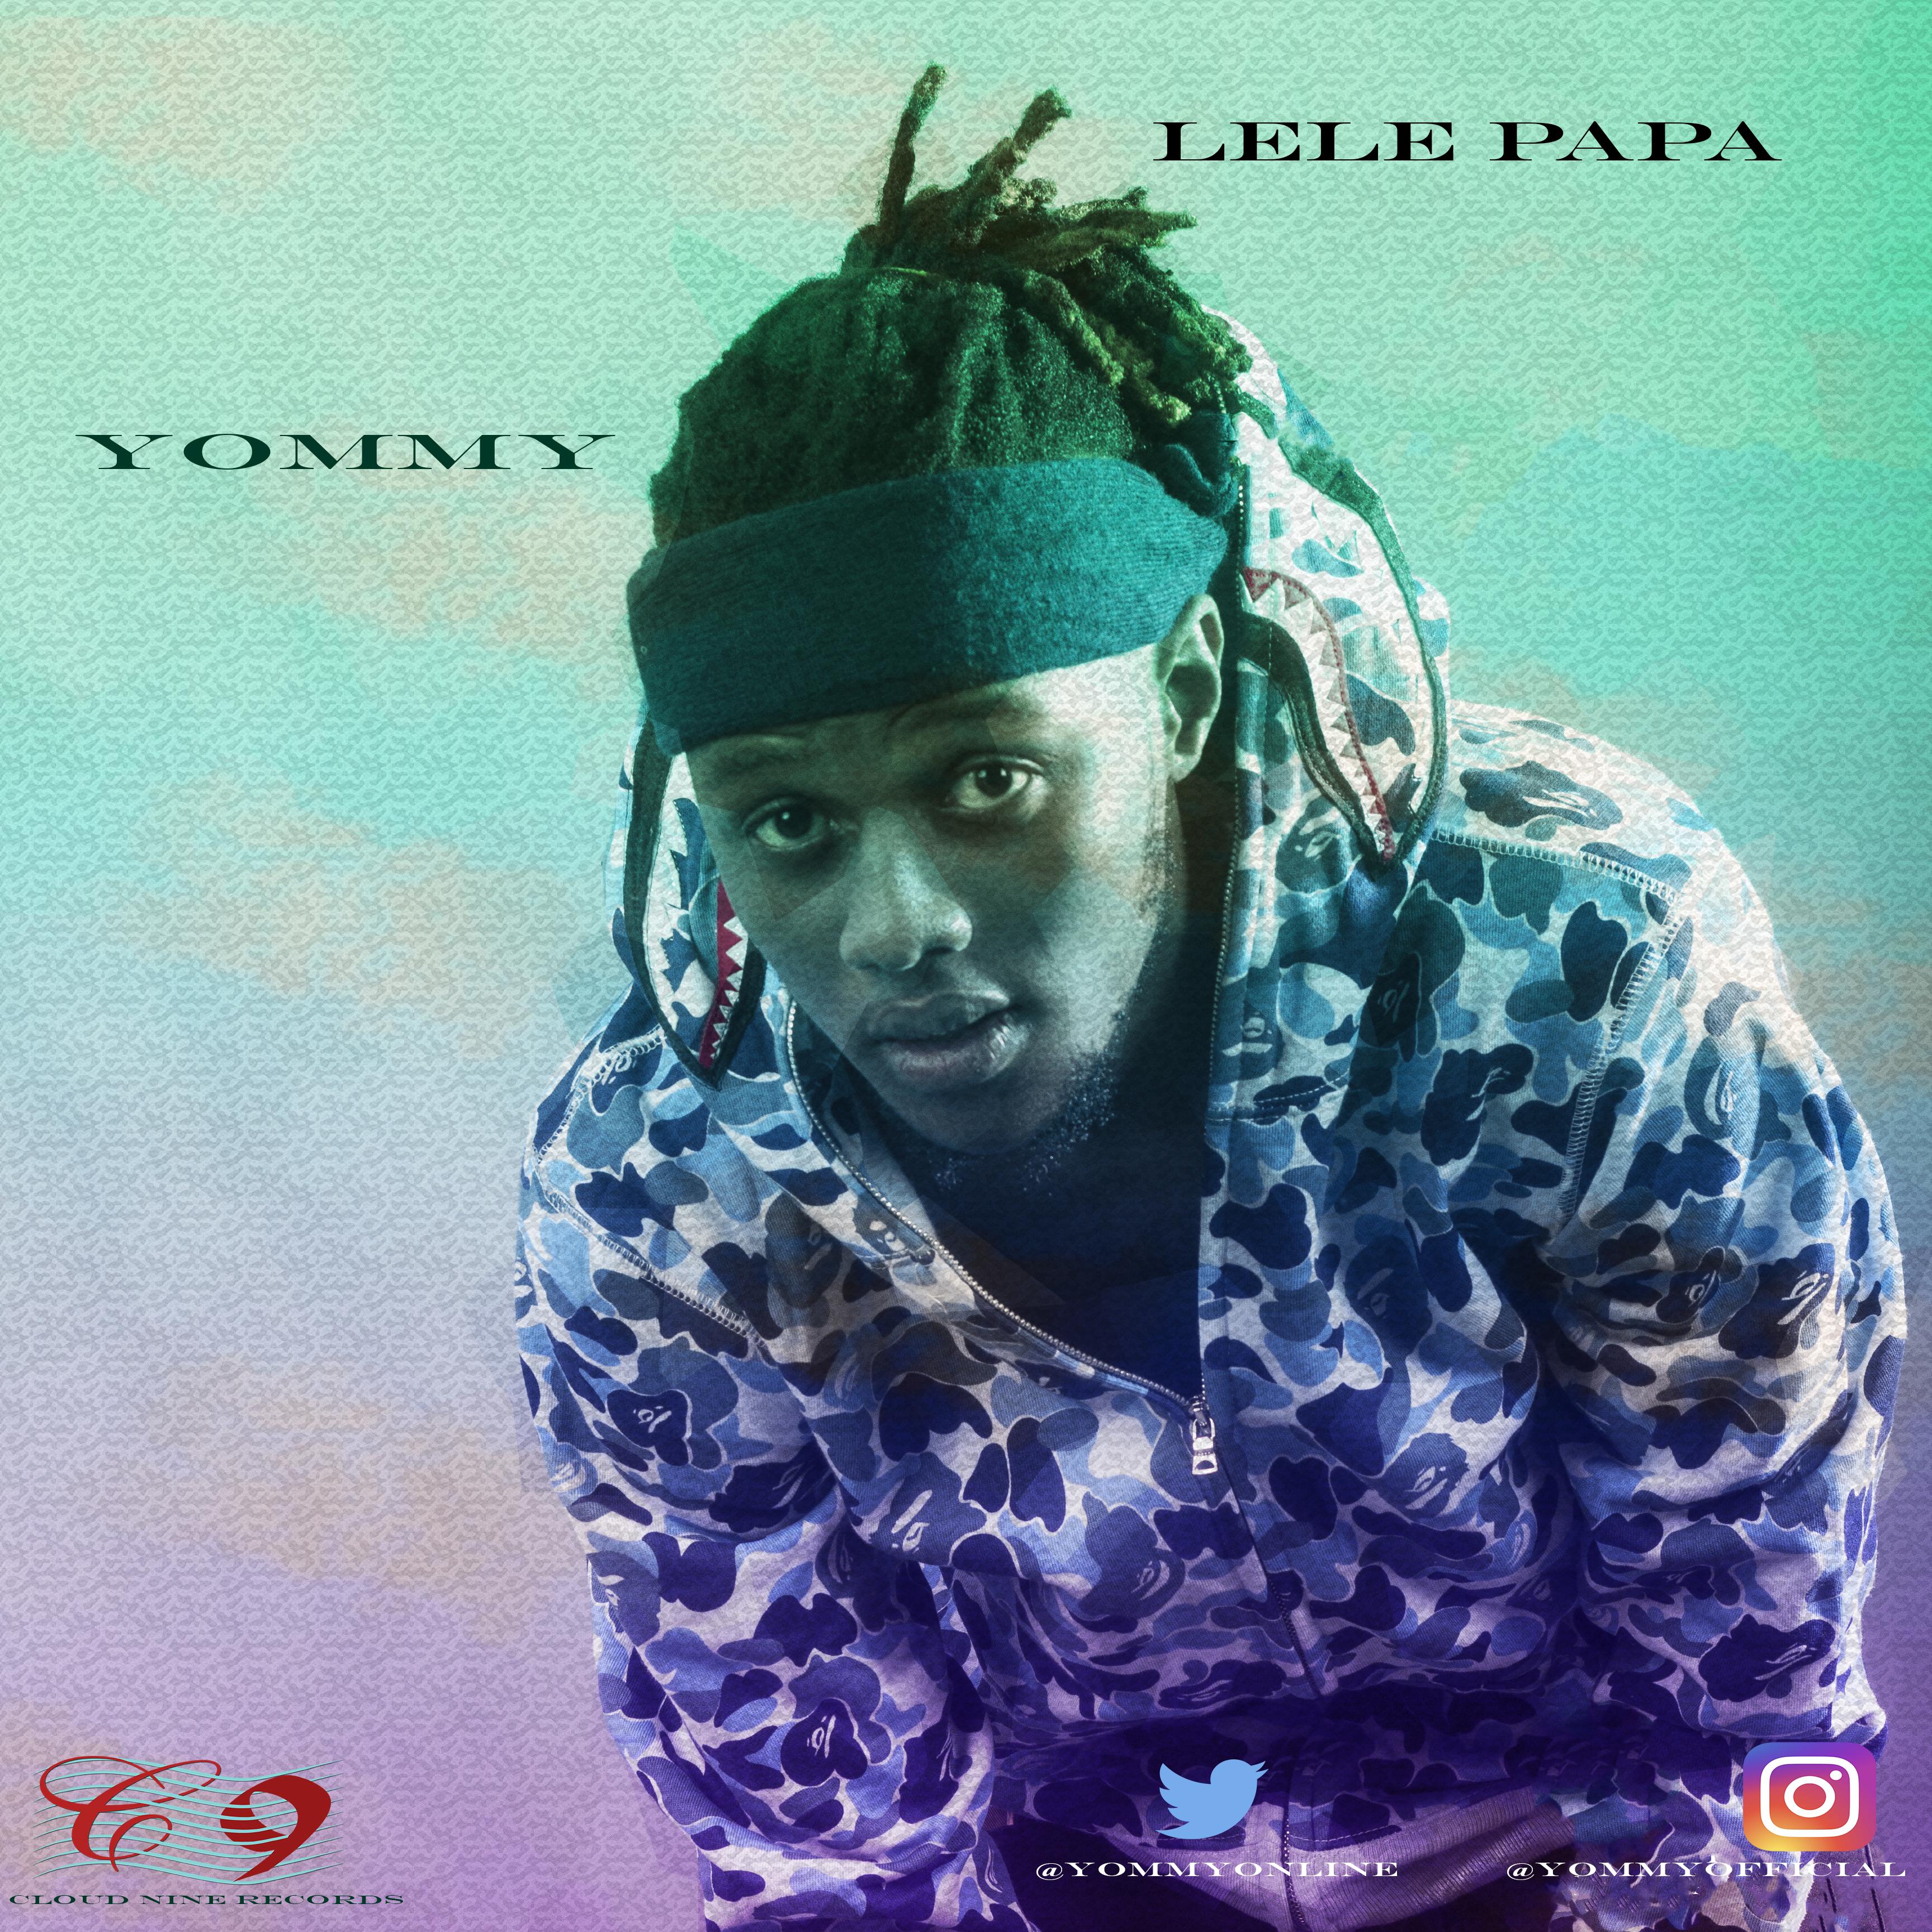 Yommy – Lele Papa